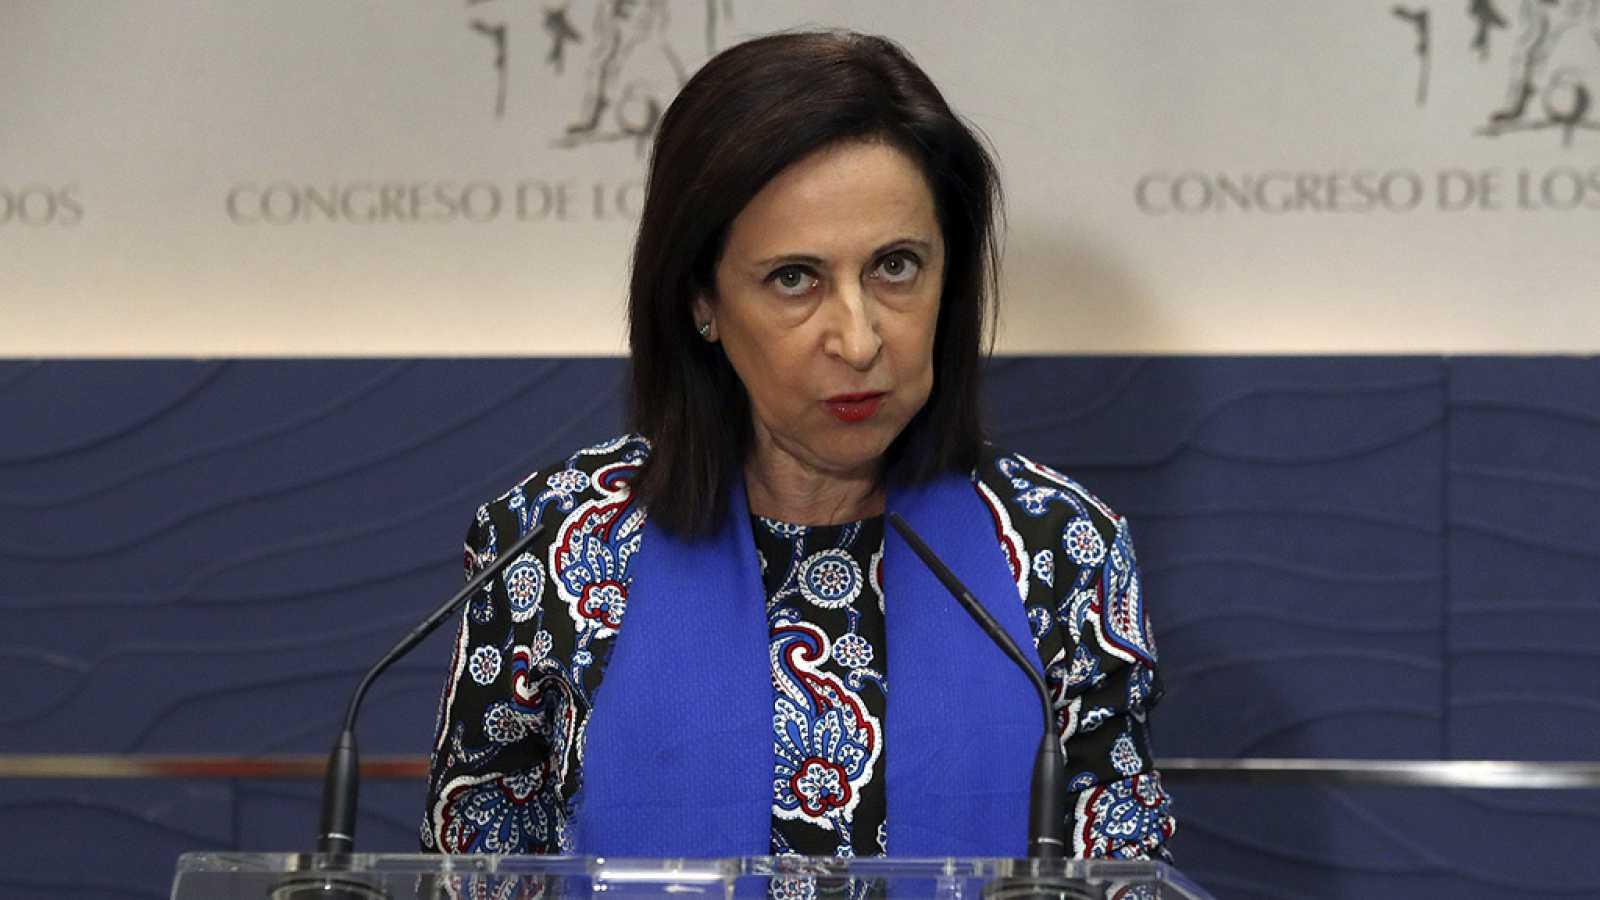 El PSOE asegura que la convocatoria de elecciones sin DUI sería suficiente para frenar el 155